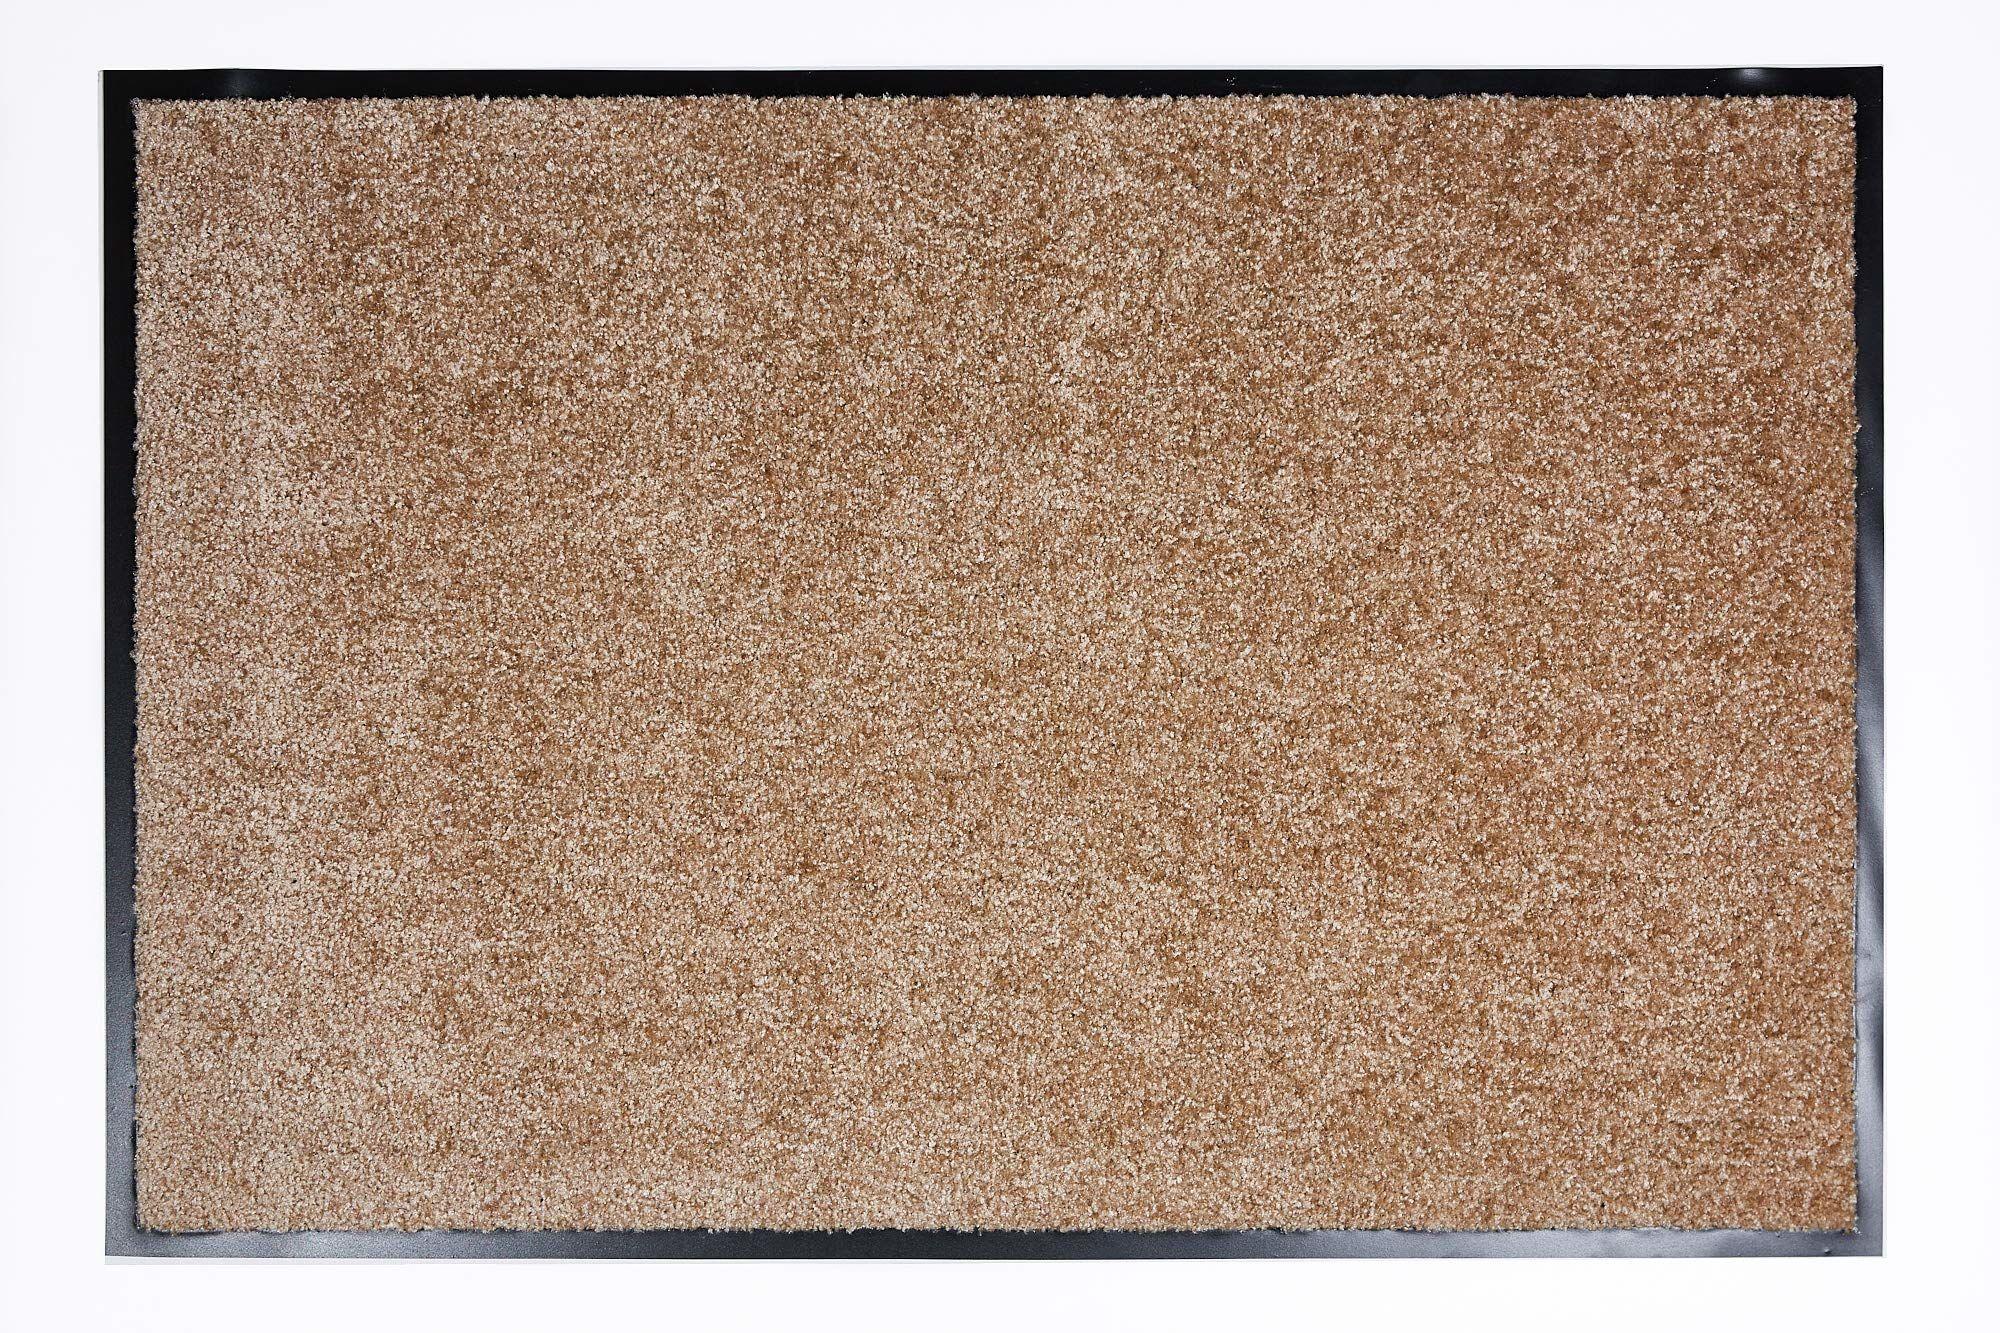 Proper Tex Uni mata zatrzymująca brud / mata na drzwi / wycieraczka / wytrzymała / trwała / do wnętrz - piaskowa - 60 x 90 cm